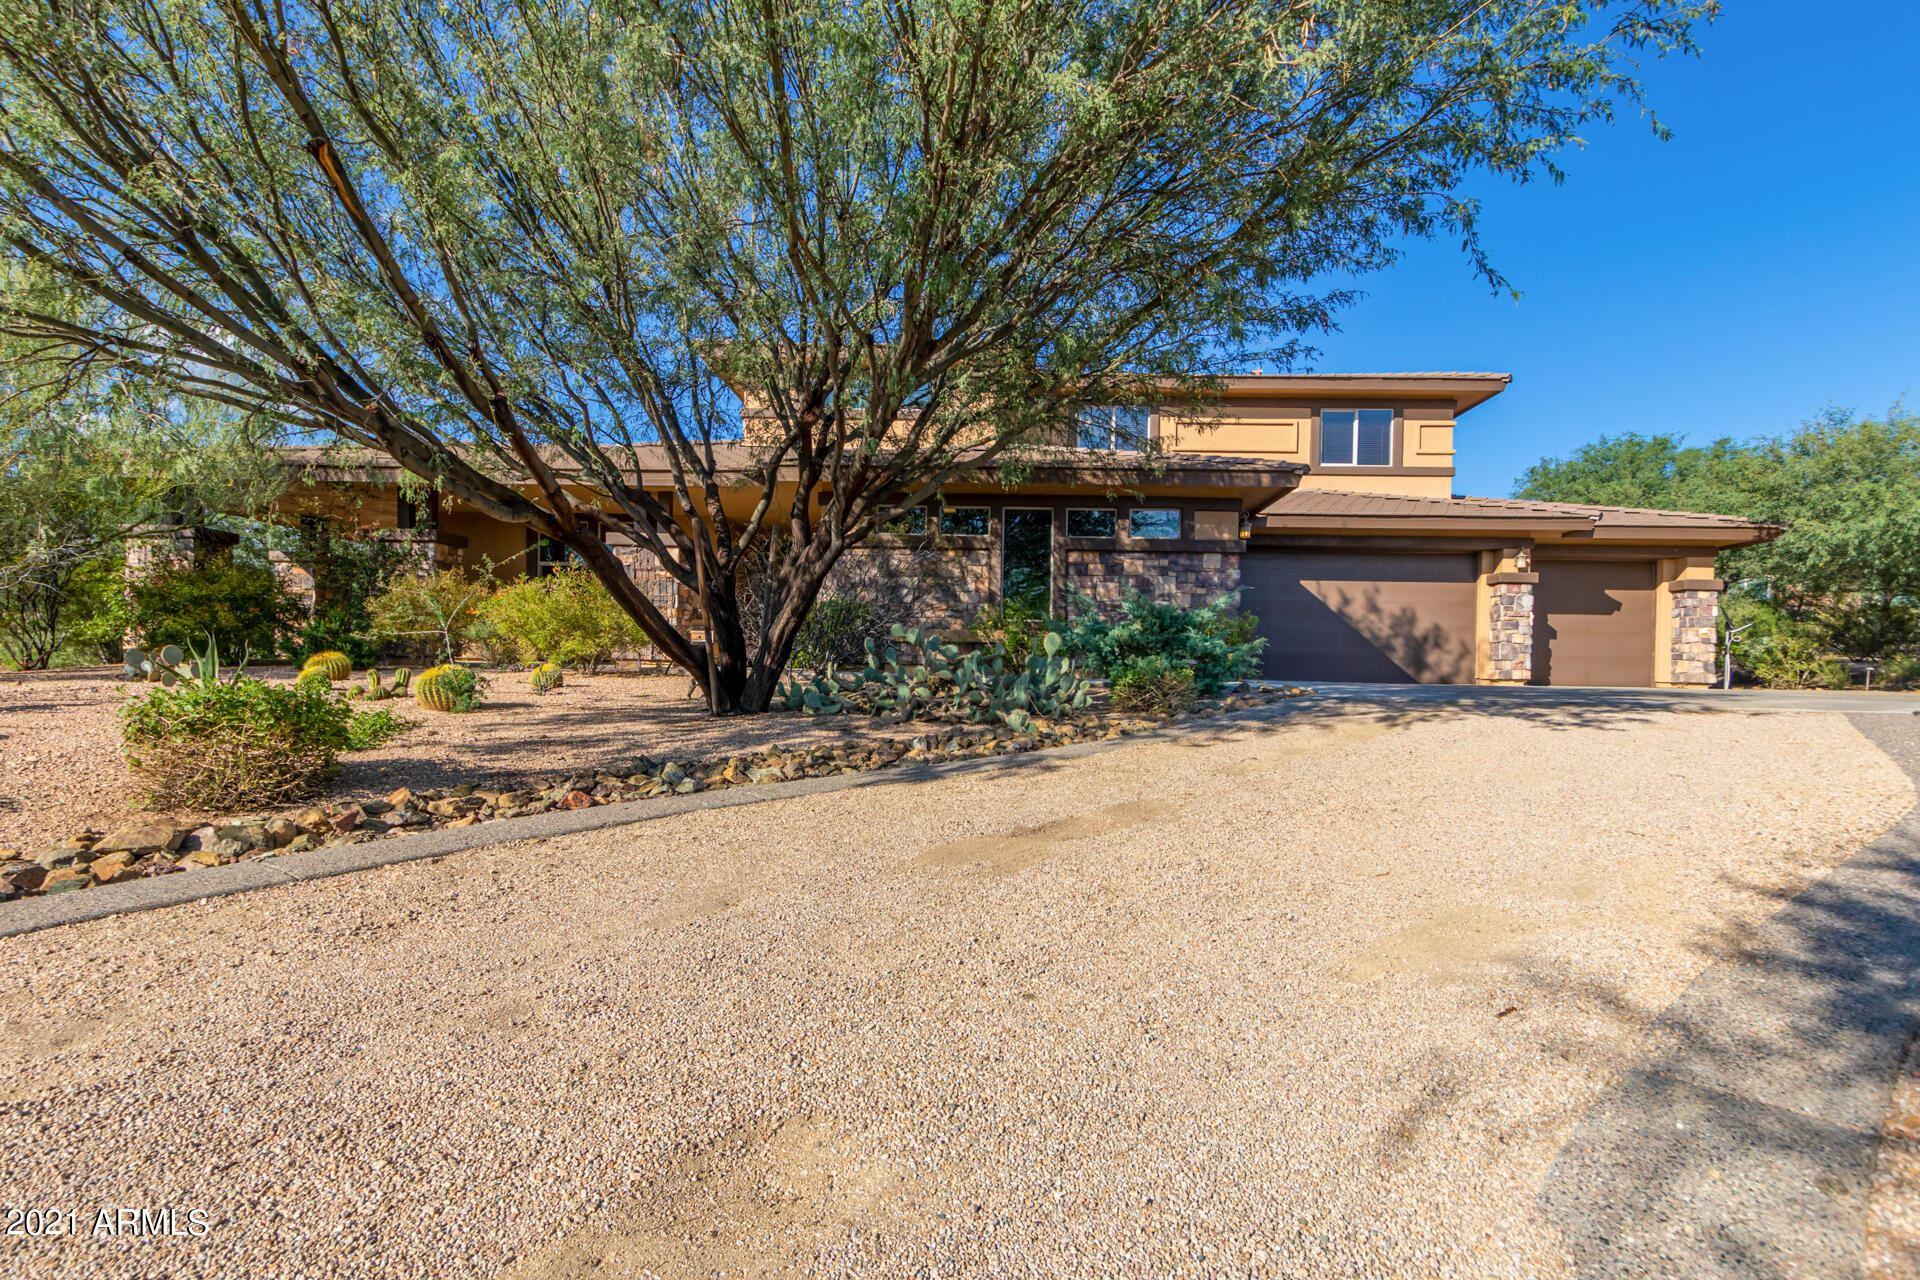 9874 E ALLISON Way, Scottsdale, AZ 85262 - MLS#: 6295115